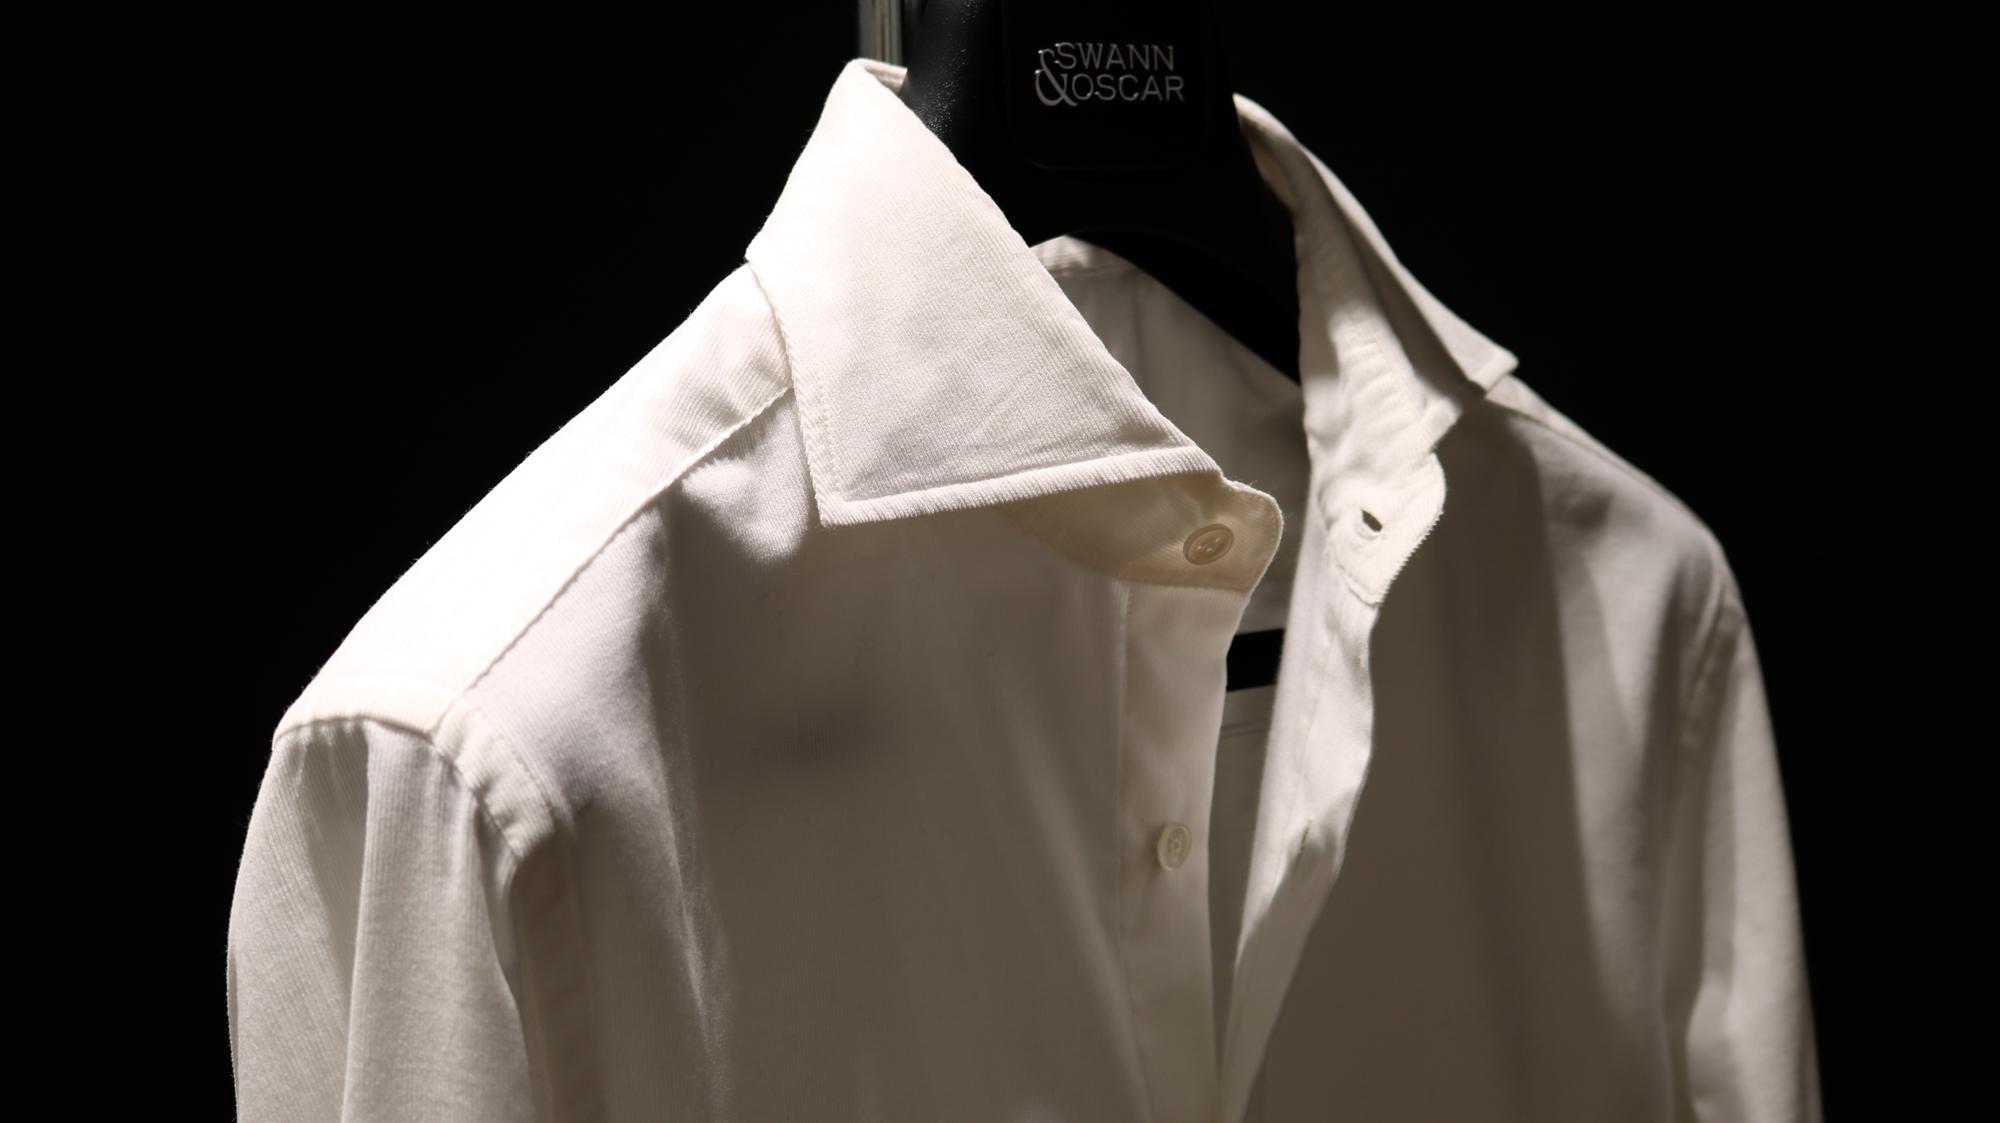 taille 40 c88ec 47b9a La chemise en velours blanc cassé - Journal - Swann et Oscar